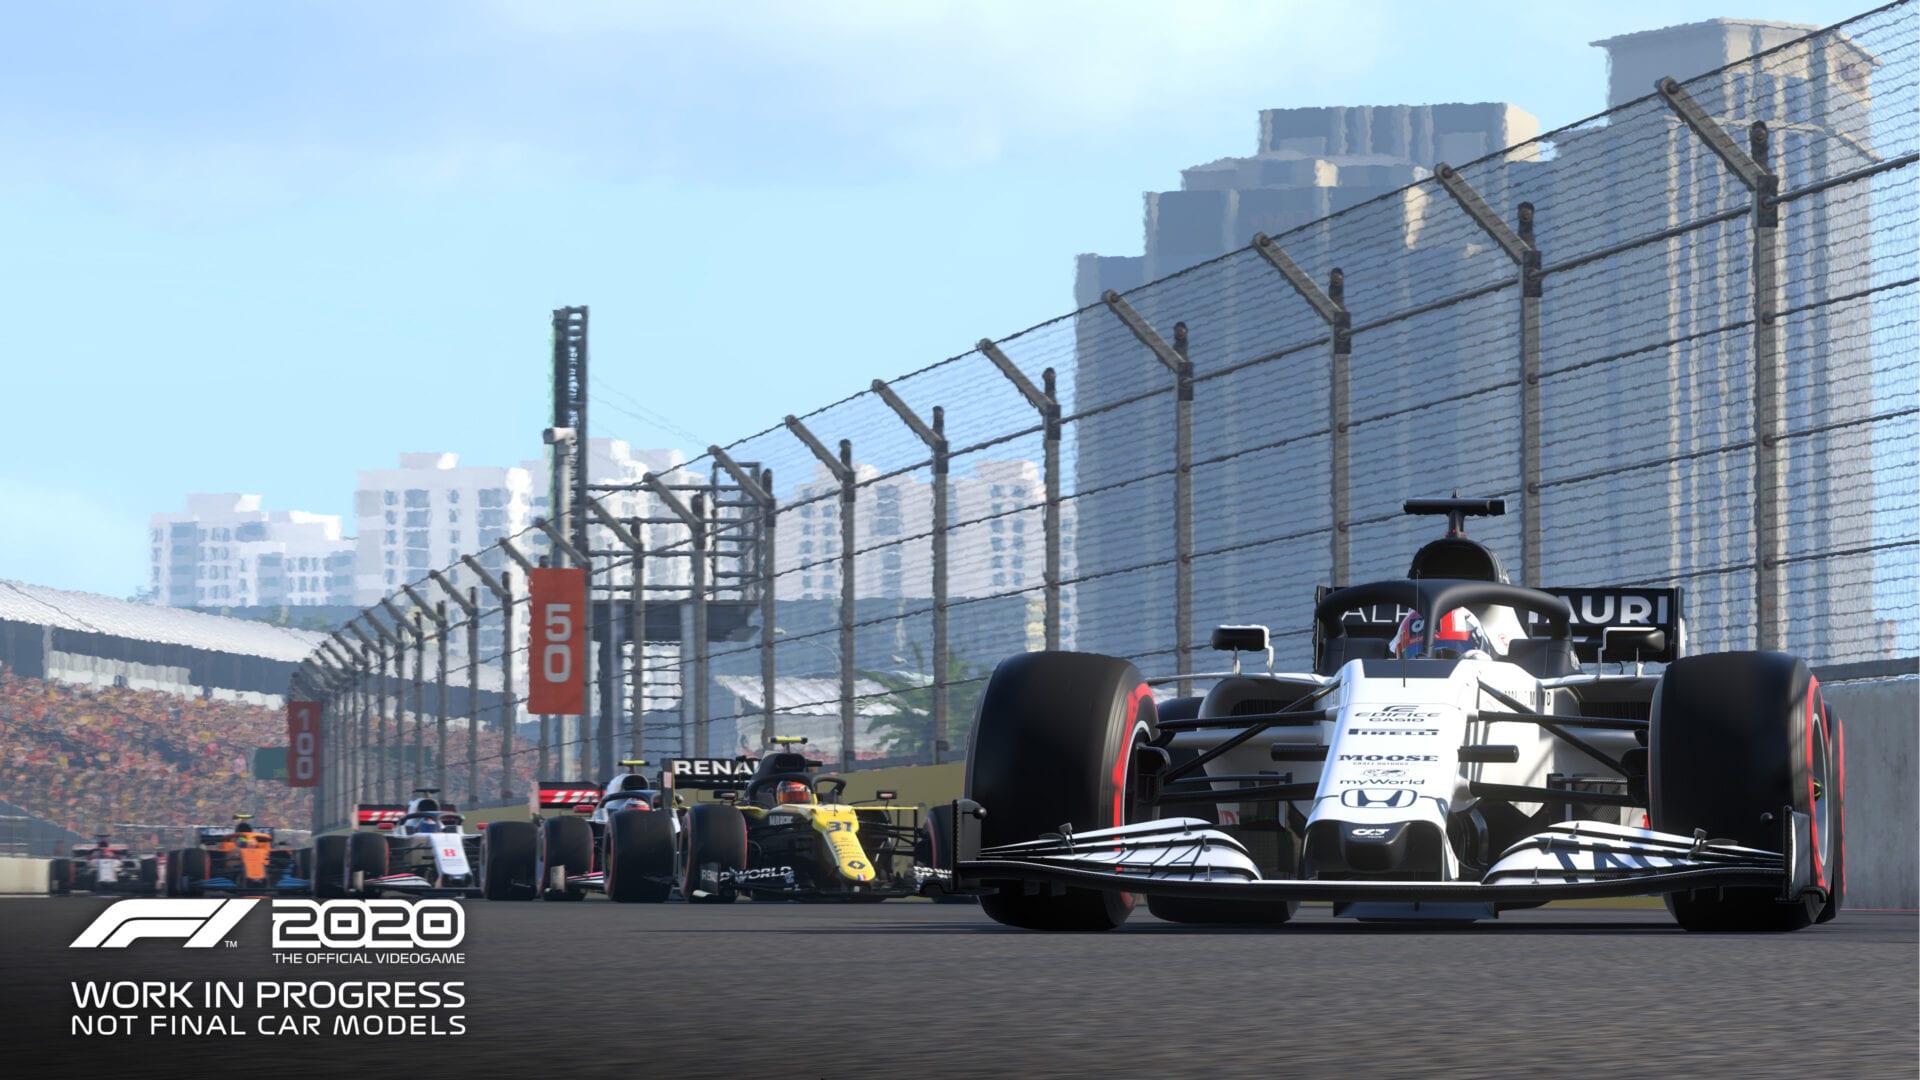 f1 2020, podium pass